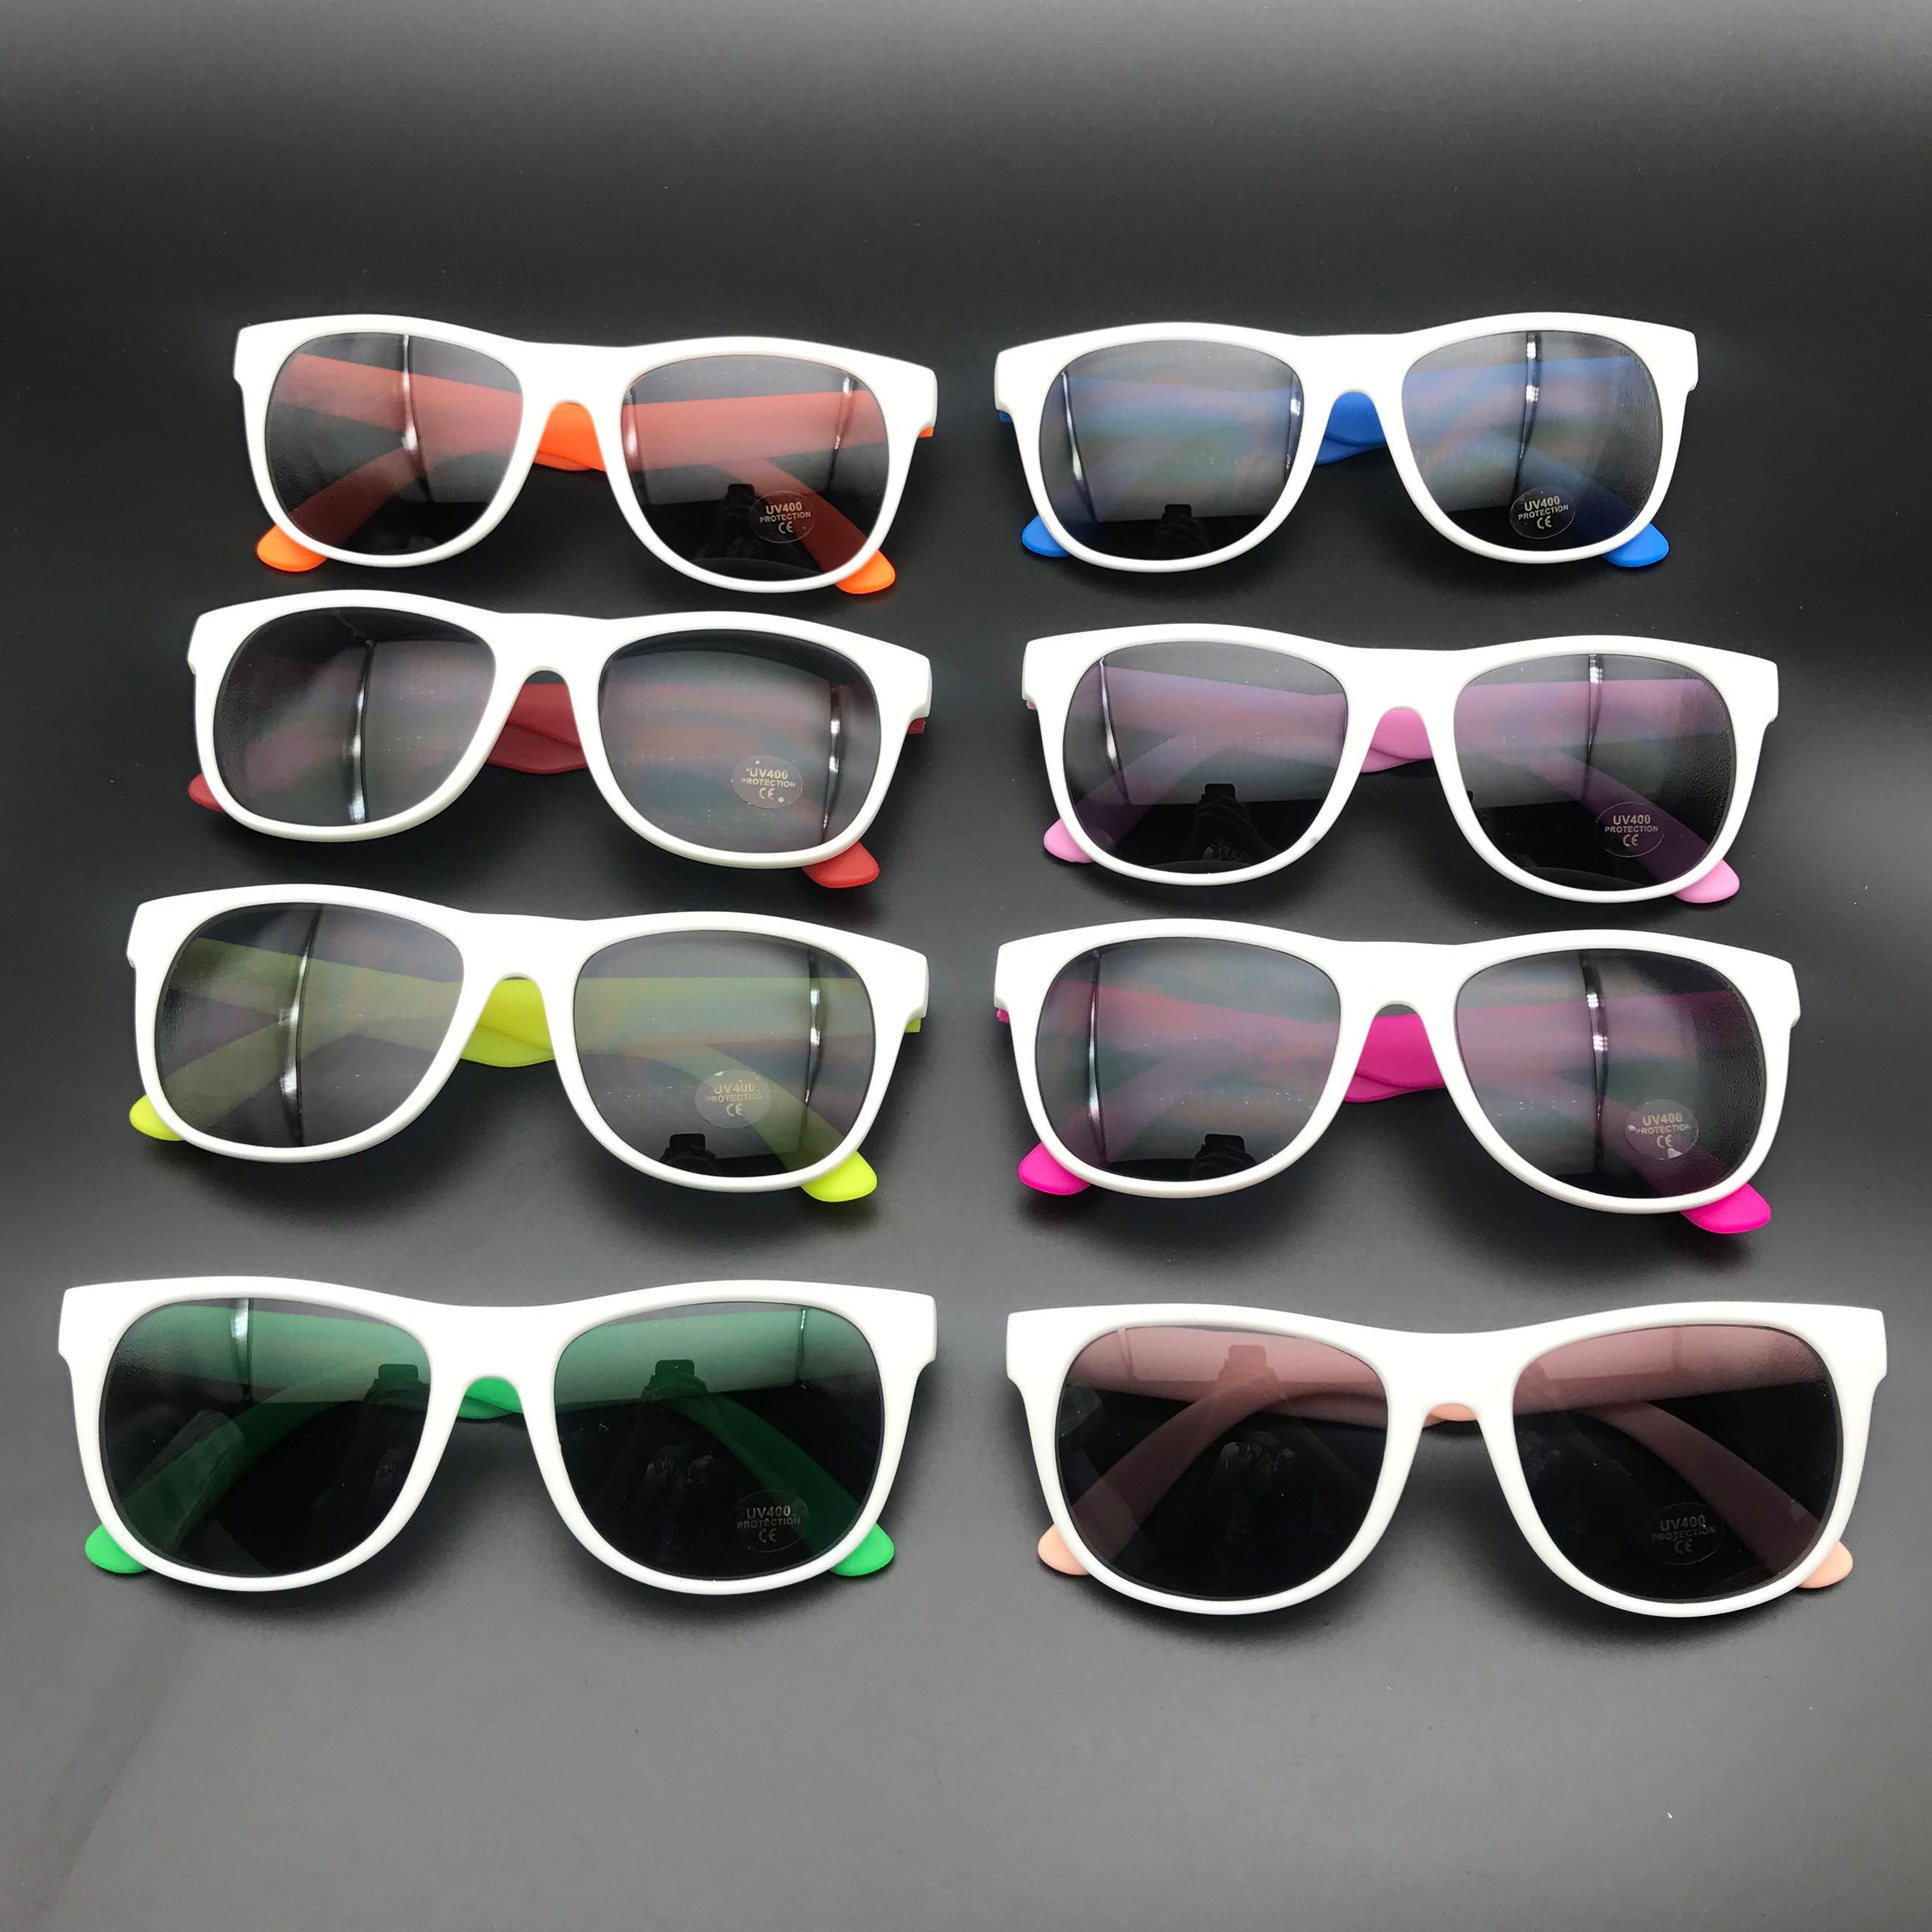 نظارات شمسية بإطار أبيض للحماية من الأشعة فوق البنفسجية ، نظارات شمسية بإطار أبيض ، حماية من الأشعة فوق البنفسجية ، طراز 80 قديم ، هدايا تذكار...